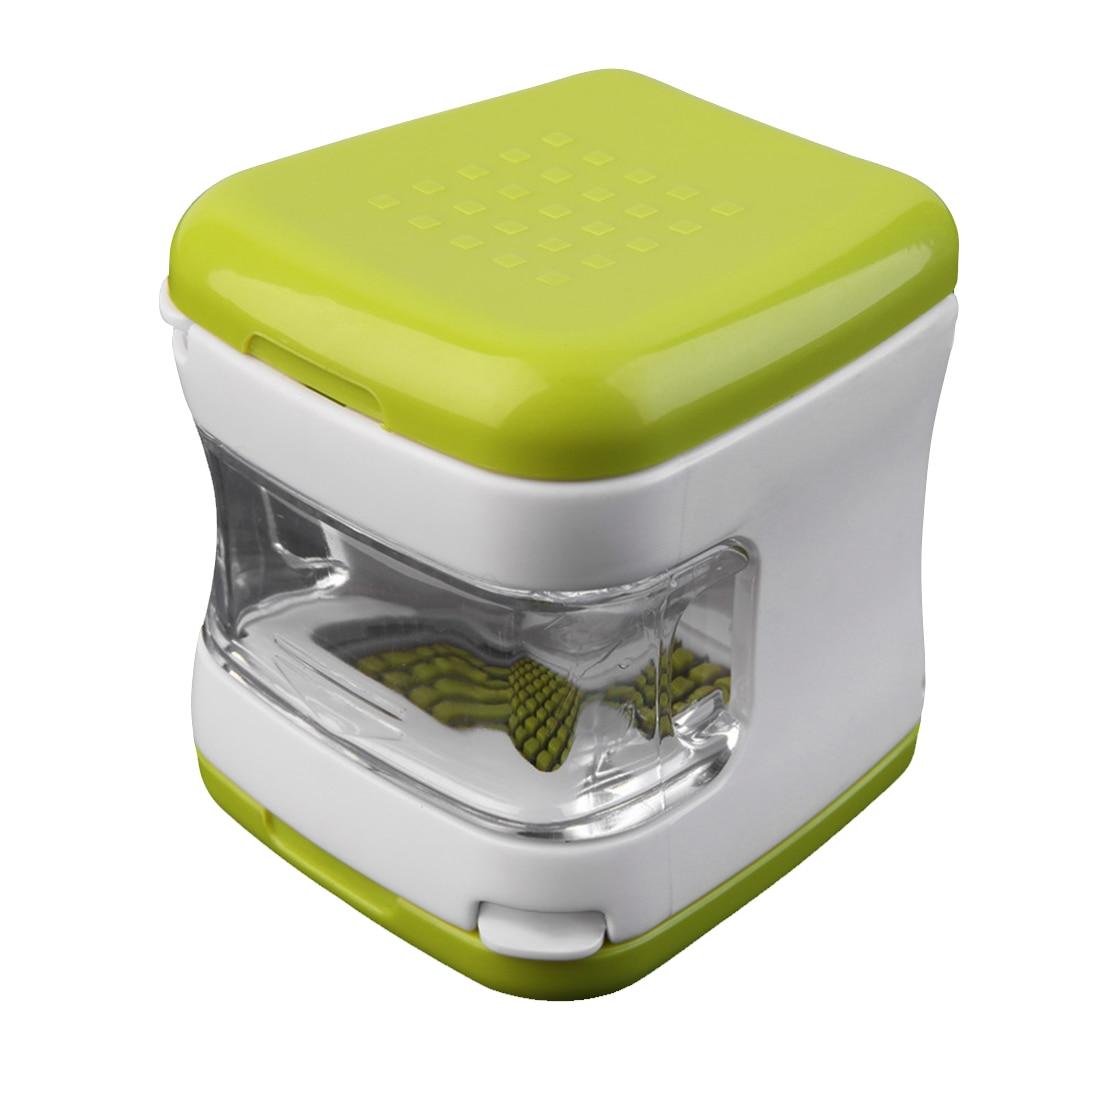 Práctica multifunción de plástico prensa de ajo trituradora rebanadora Ralladora rebanadora y almacenamiento cocina herramienta vegetal